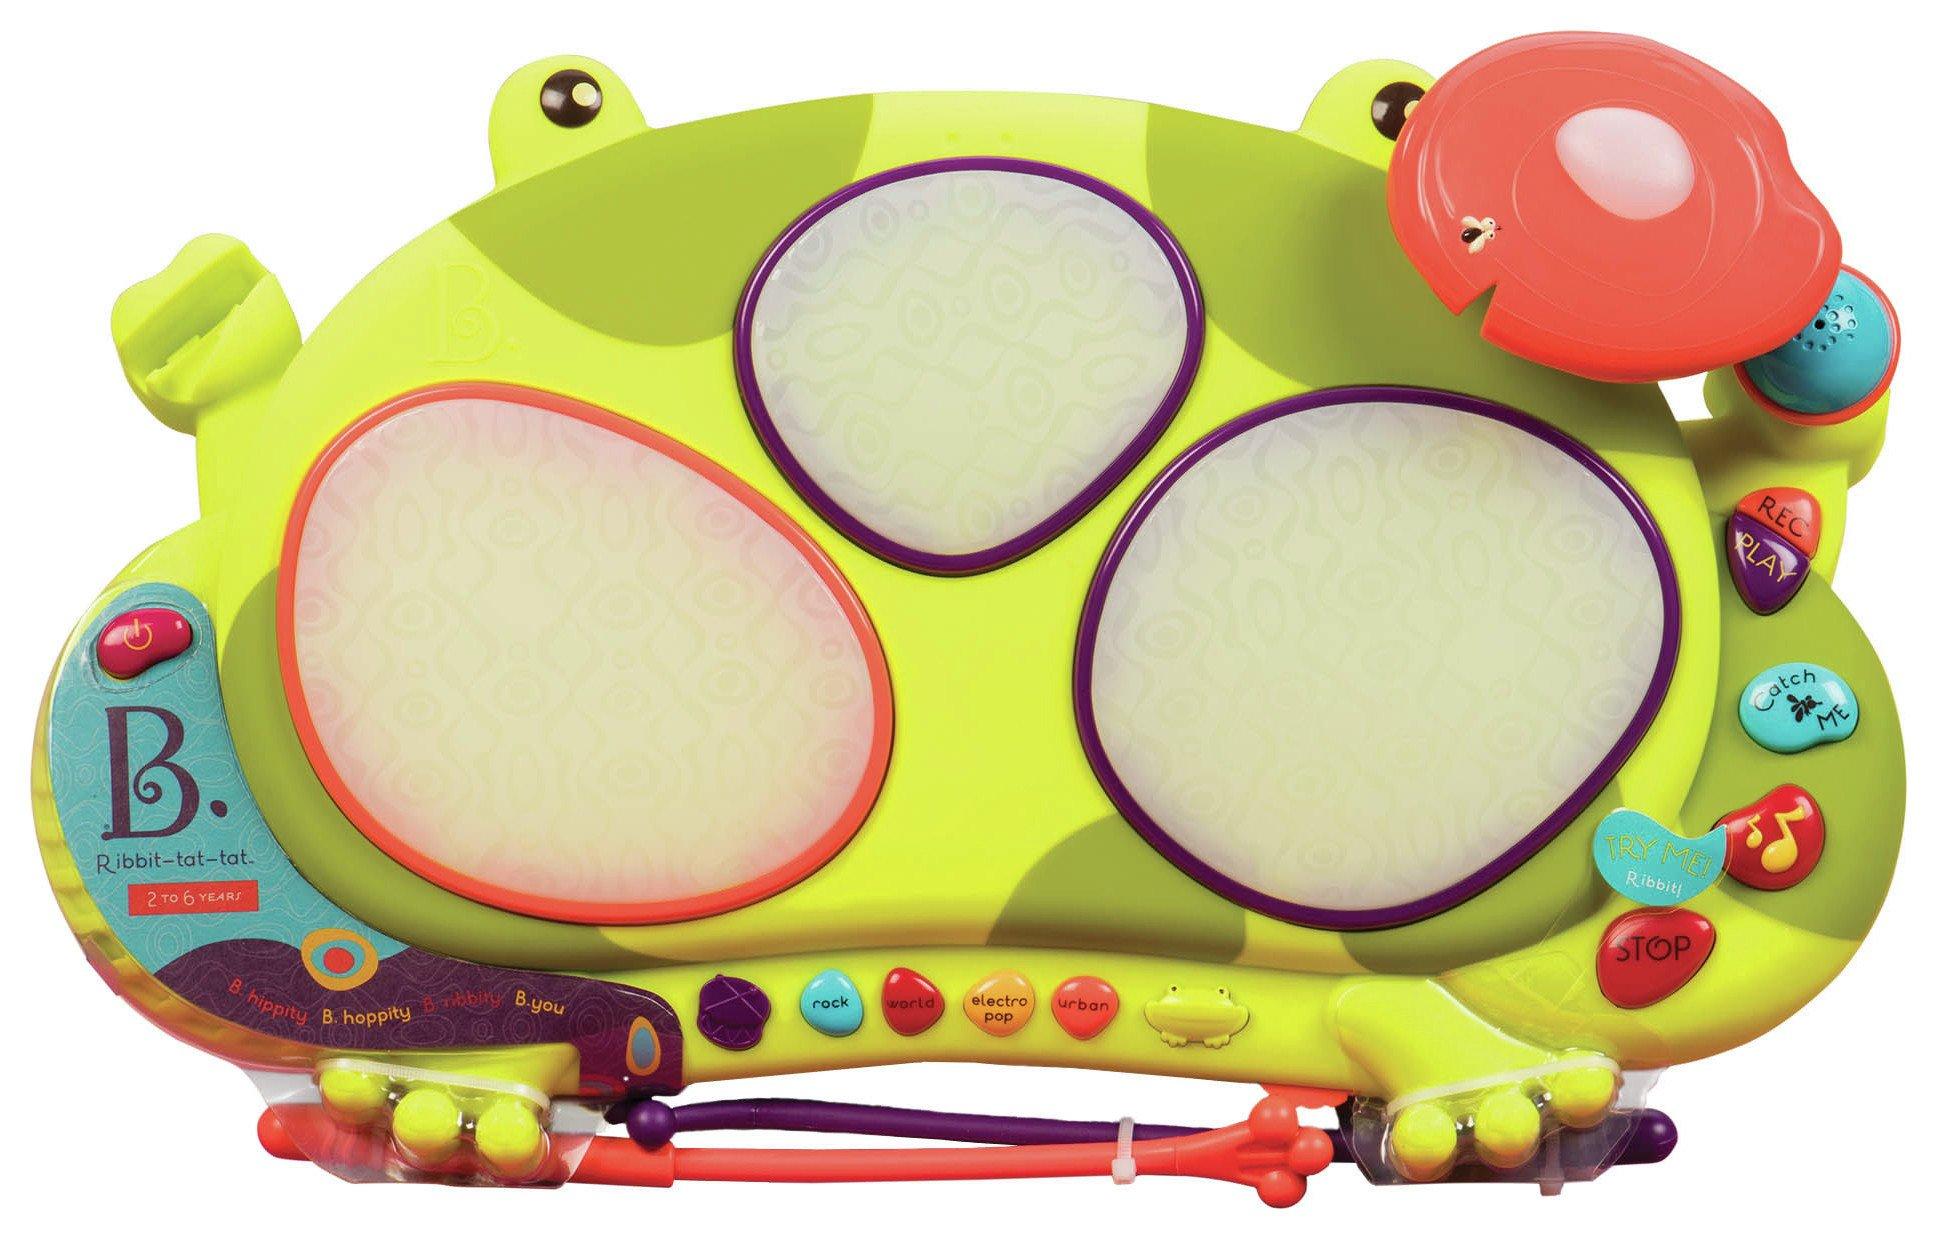 Image of B Ribbit-Tit-Tat Musical Toy.